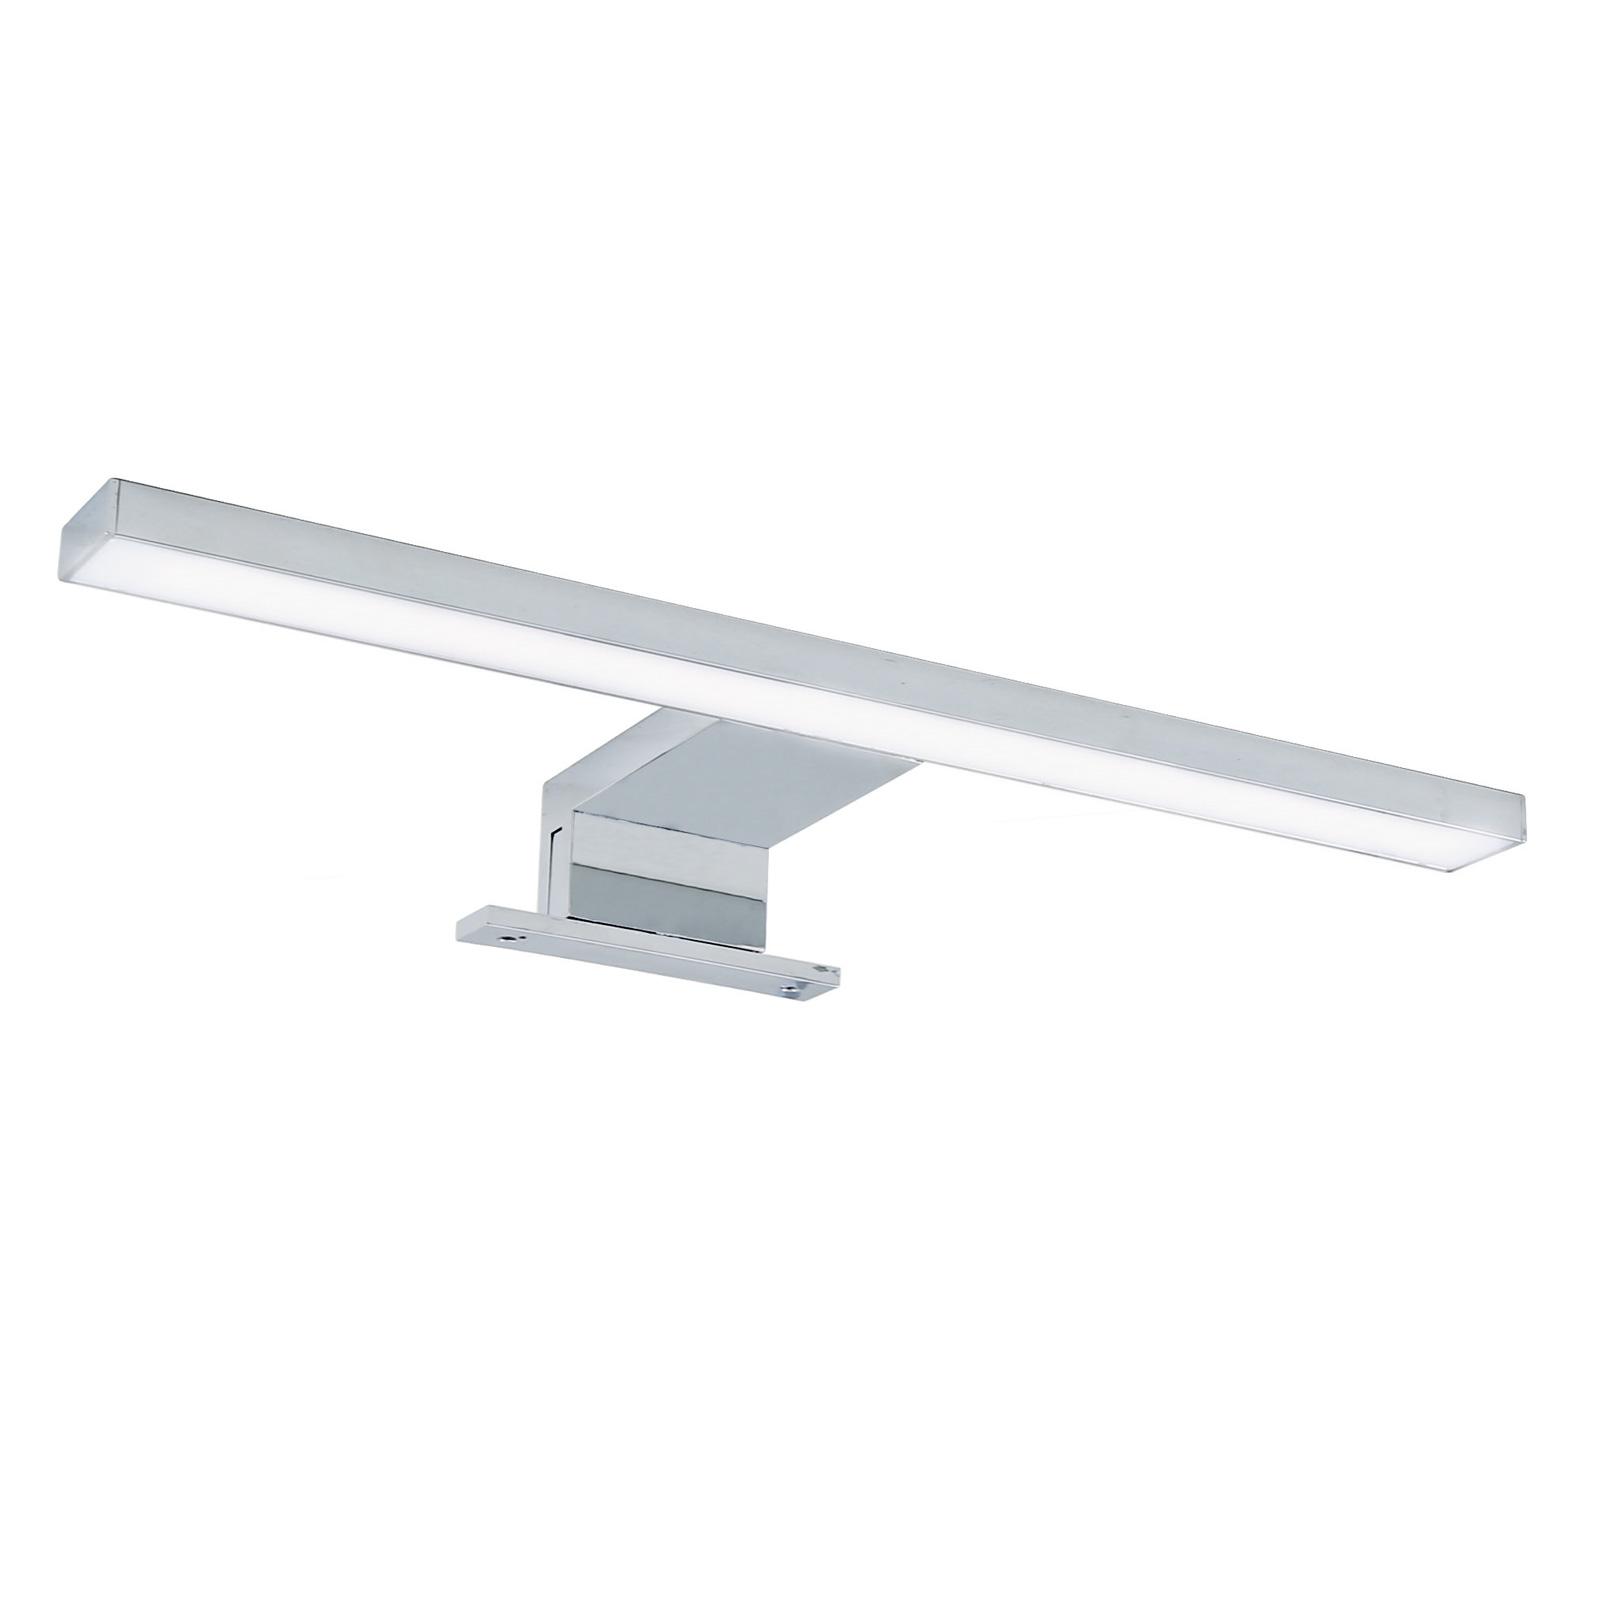 LED-Spiegelleuchte 2104 30cm